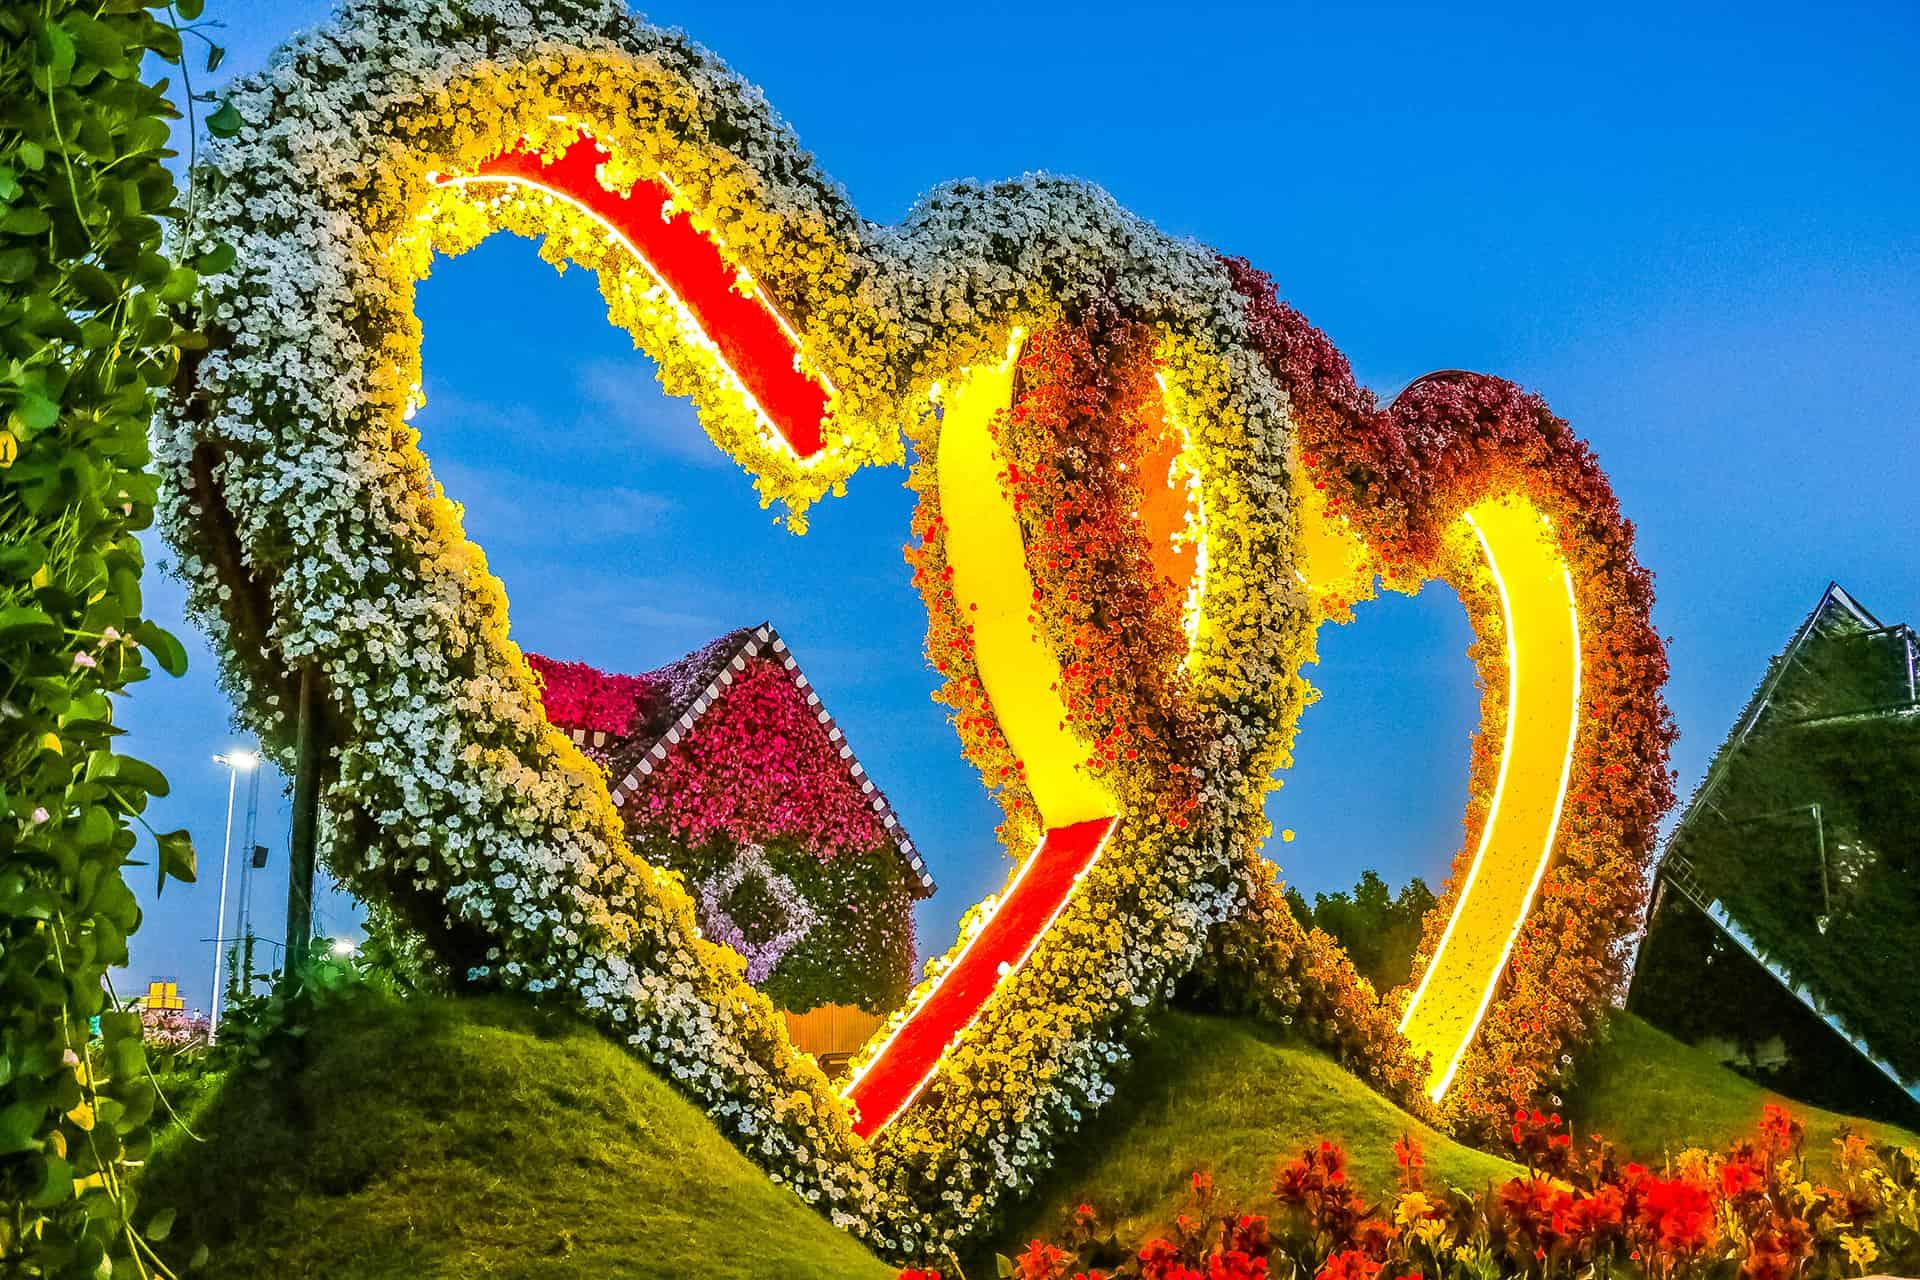 visiter miracle garden dubai